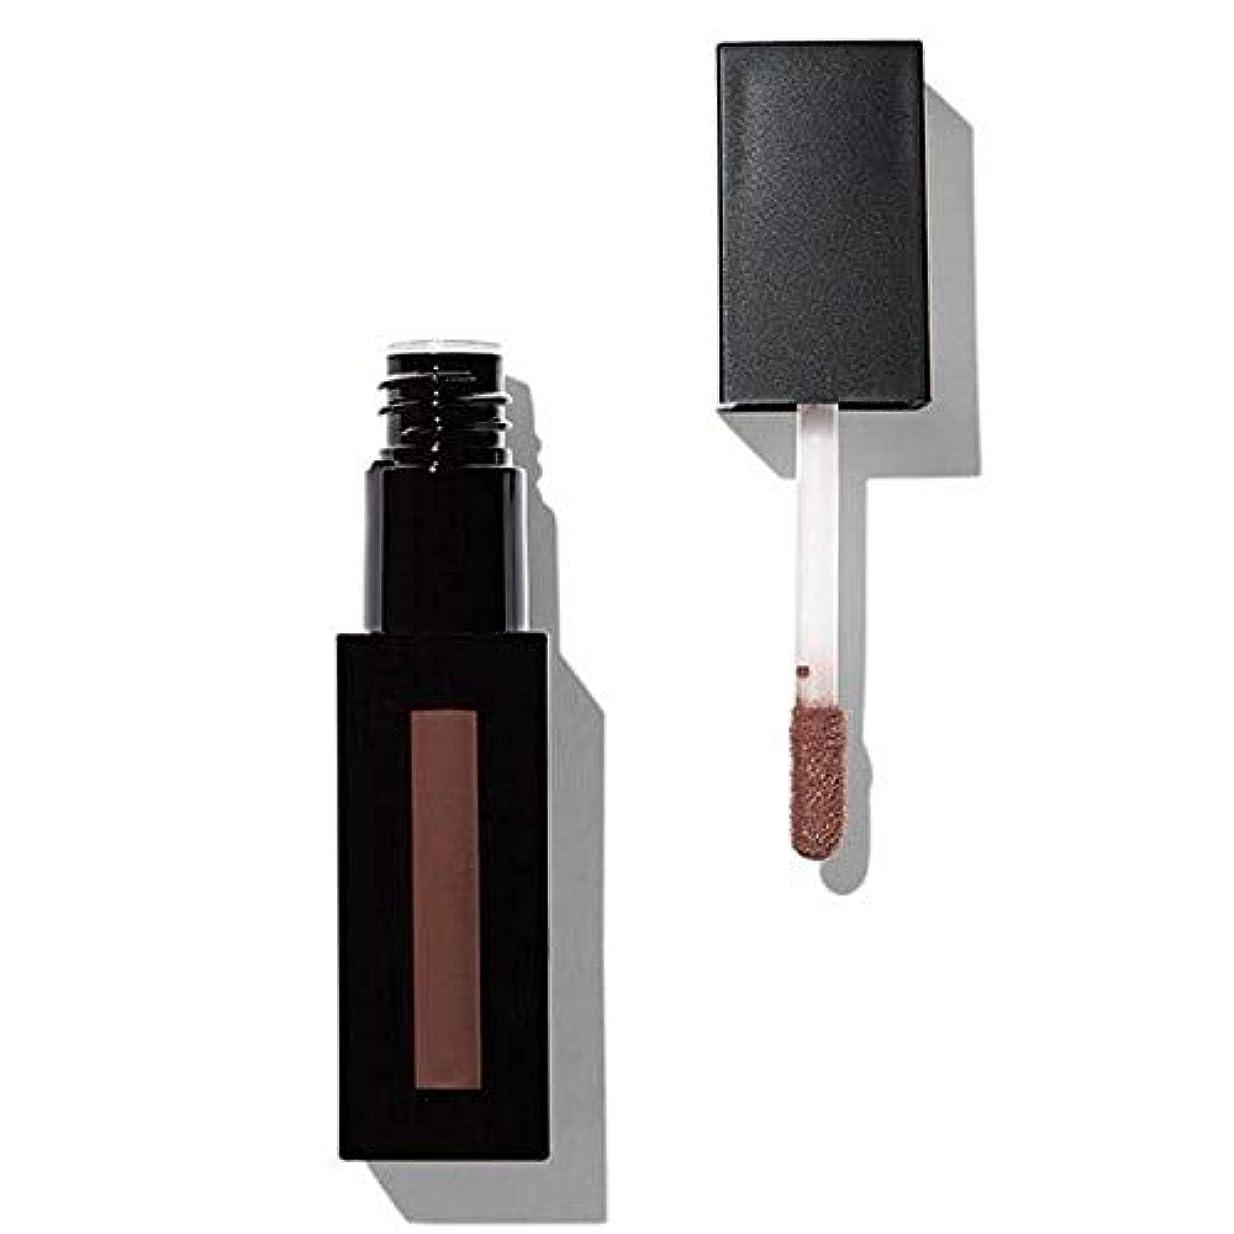 アクティブ支配するカヌー[Revolution ] 革命プロ最高のマットリップ顔料ふり - Revolution Pro Supreme Matte Lip Pigment Pretence [並行輸入品]